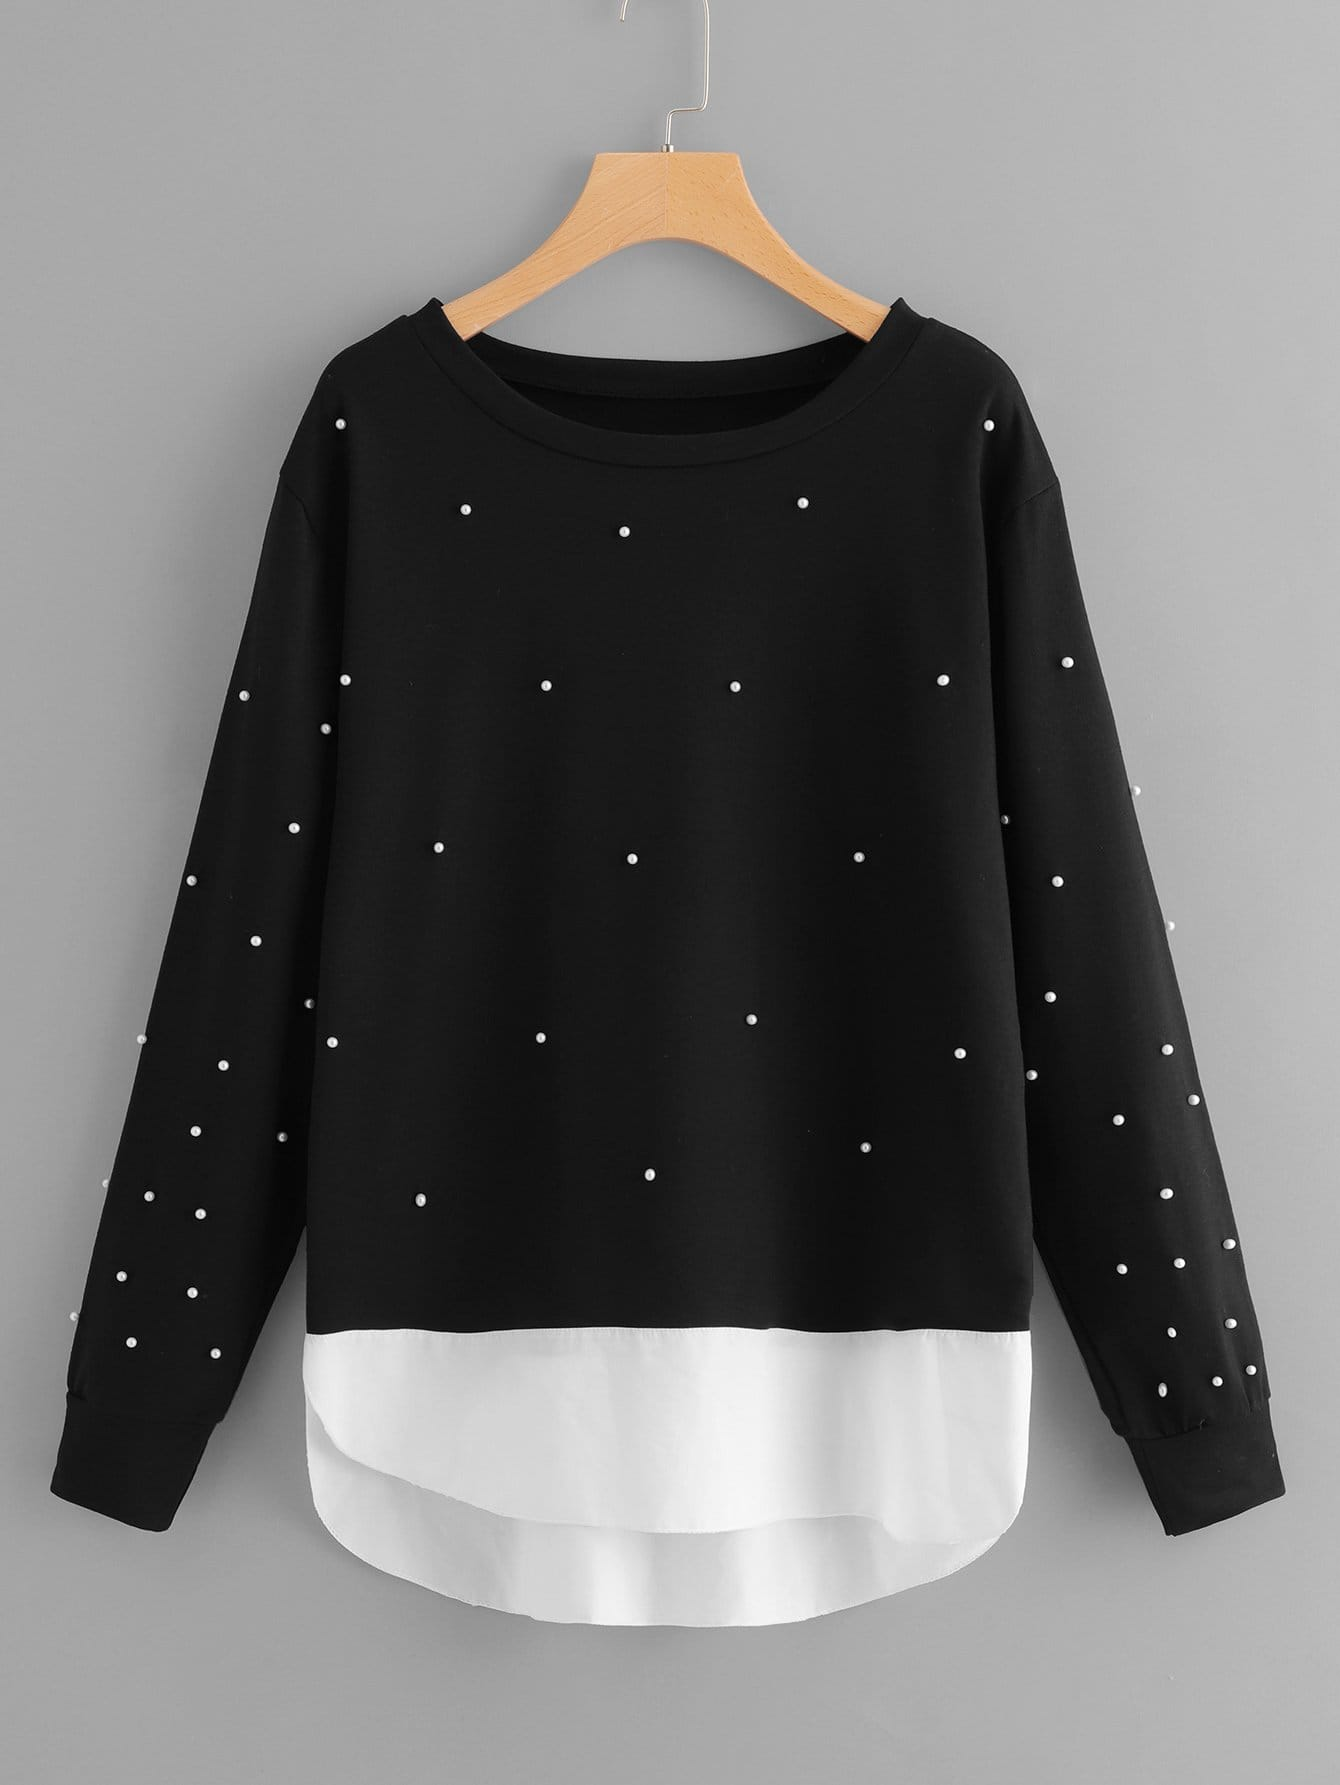 Übergroßes Sweatshirt mit Perlen